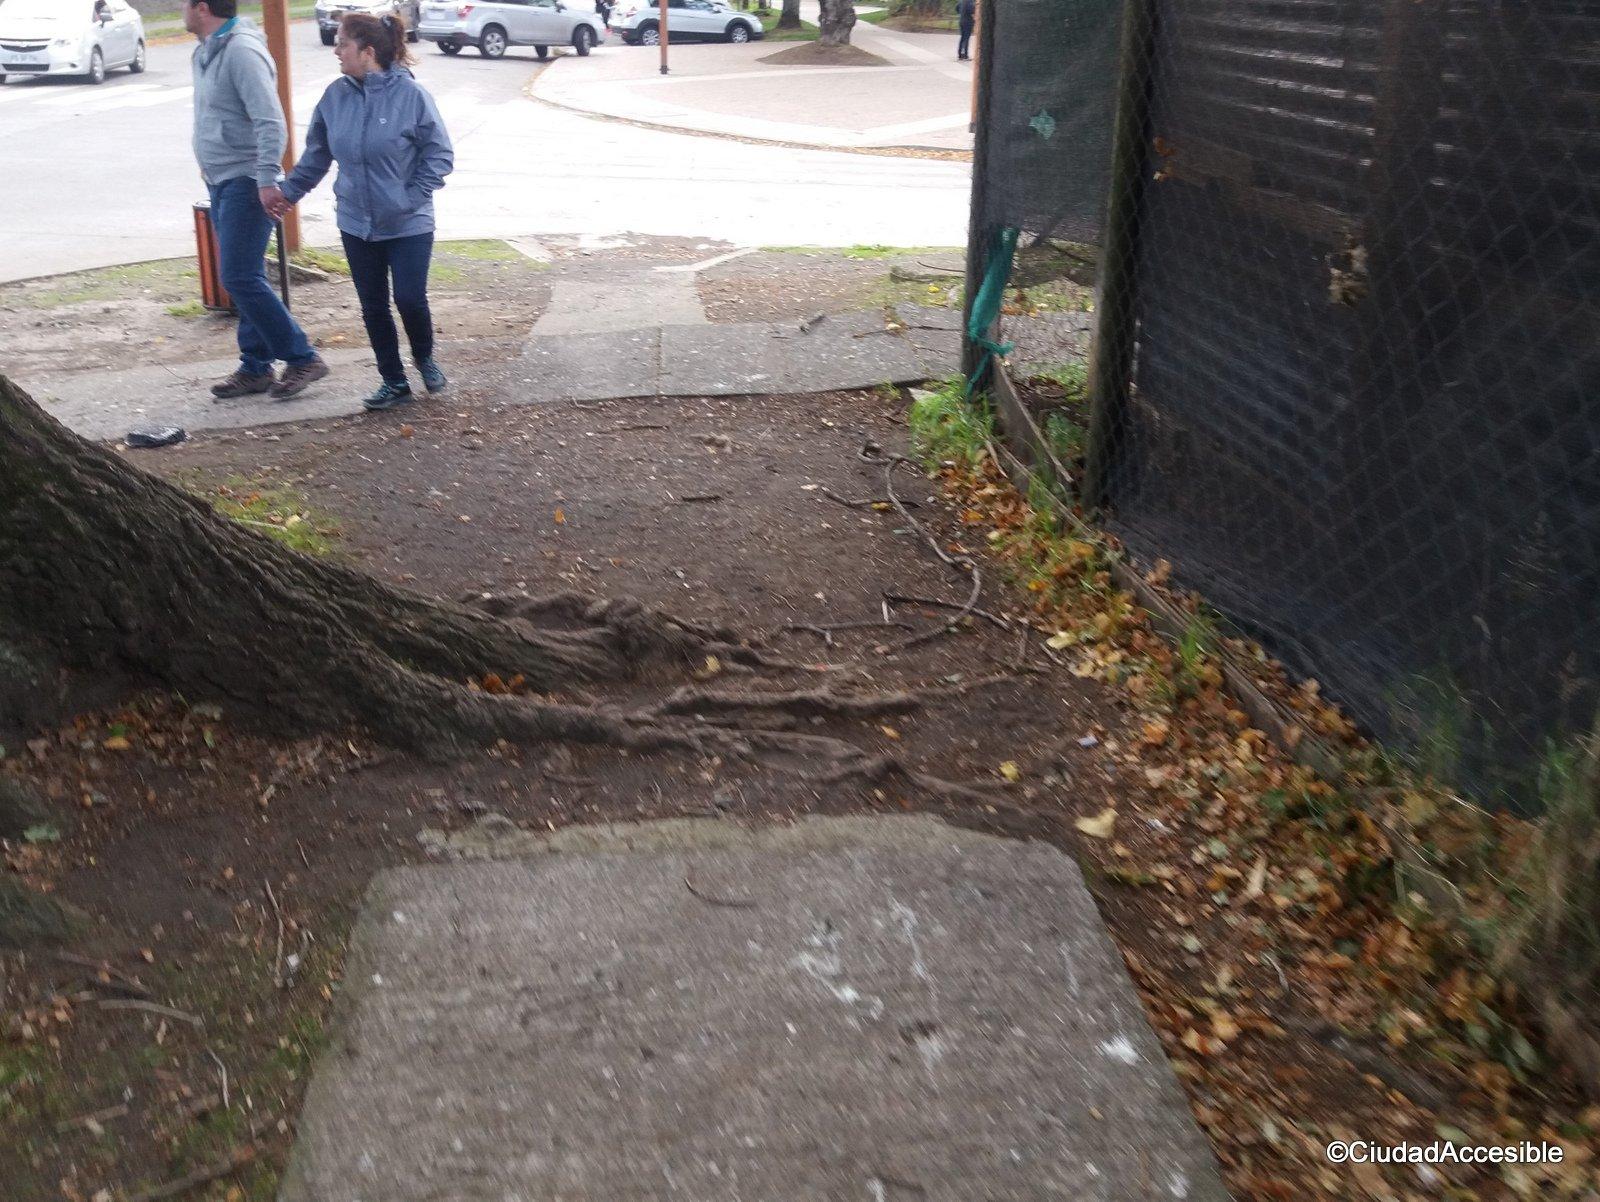 raíz de arbol que interrumpe la vereda creando un obstáculo y posibilidad de tropiezo